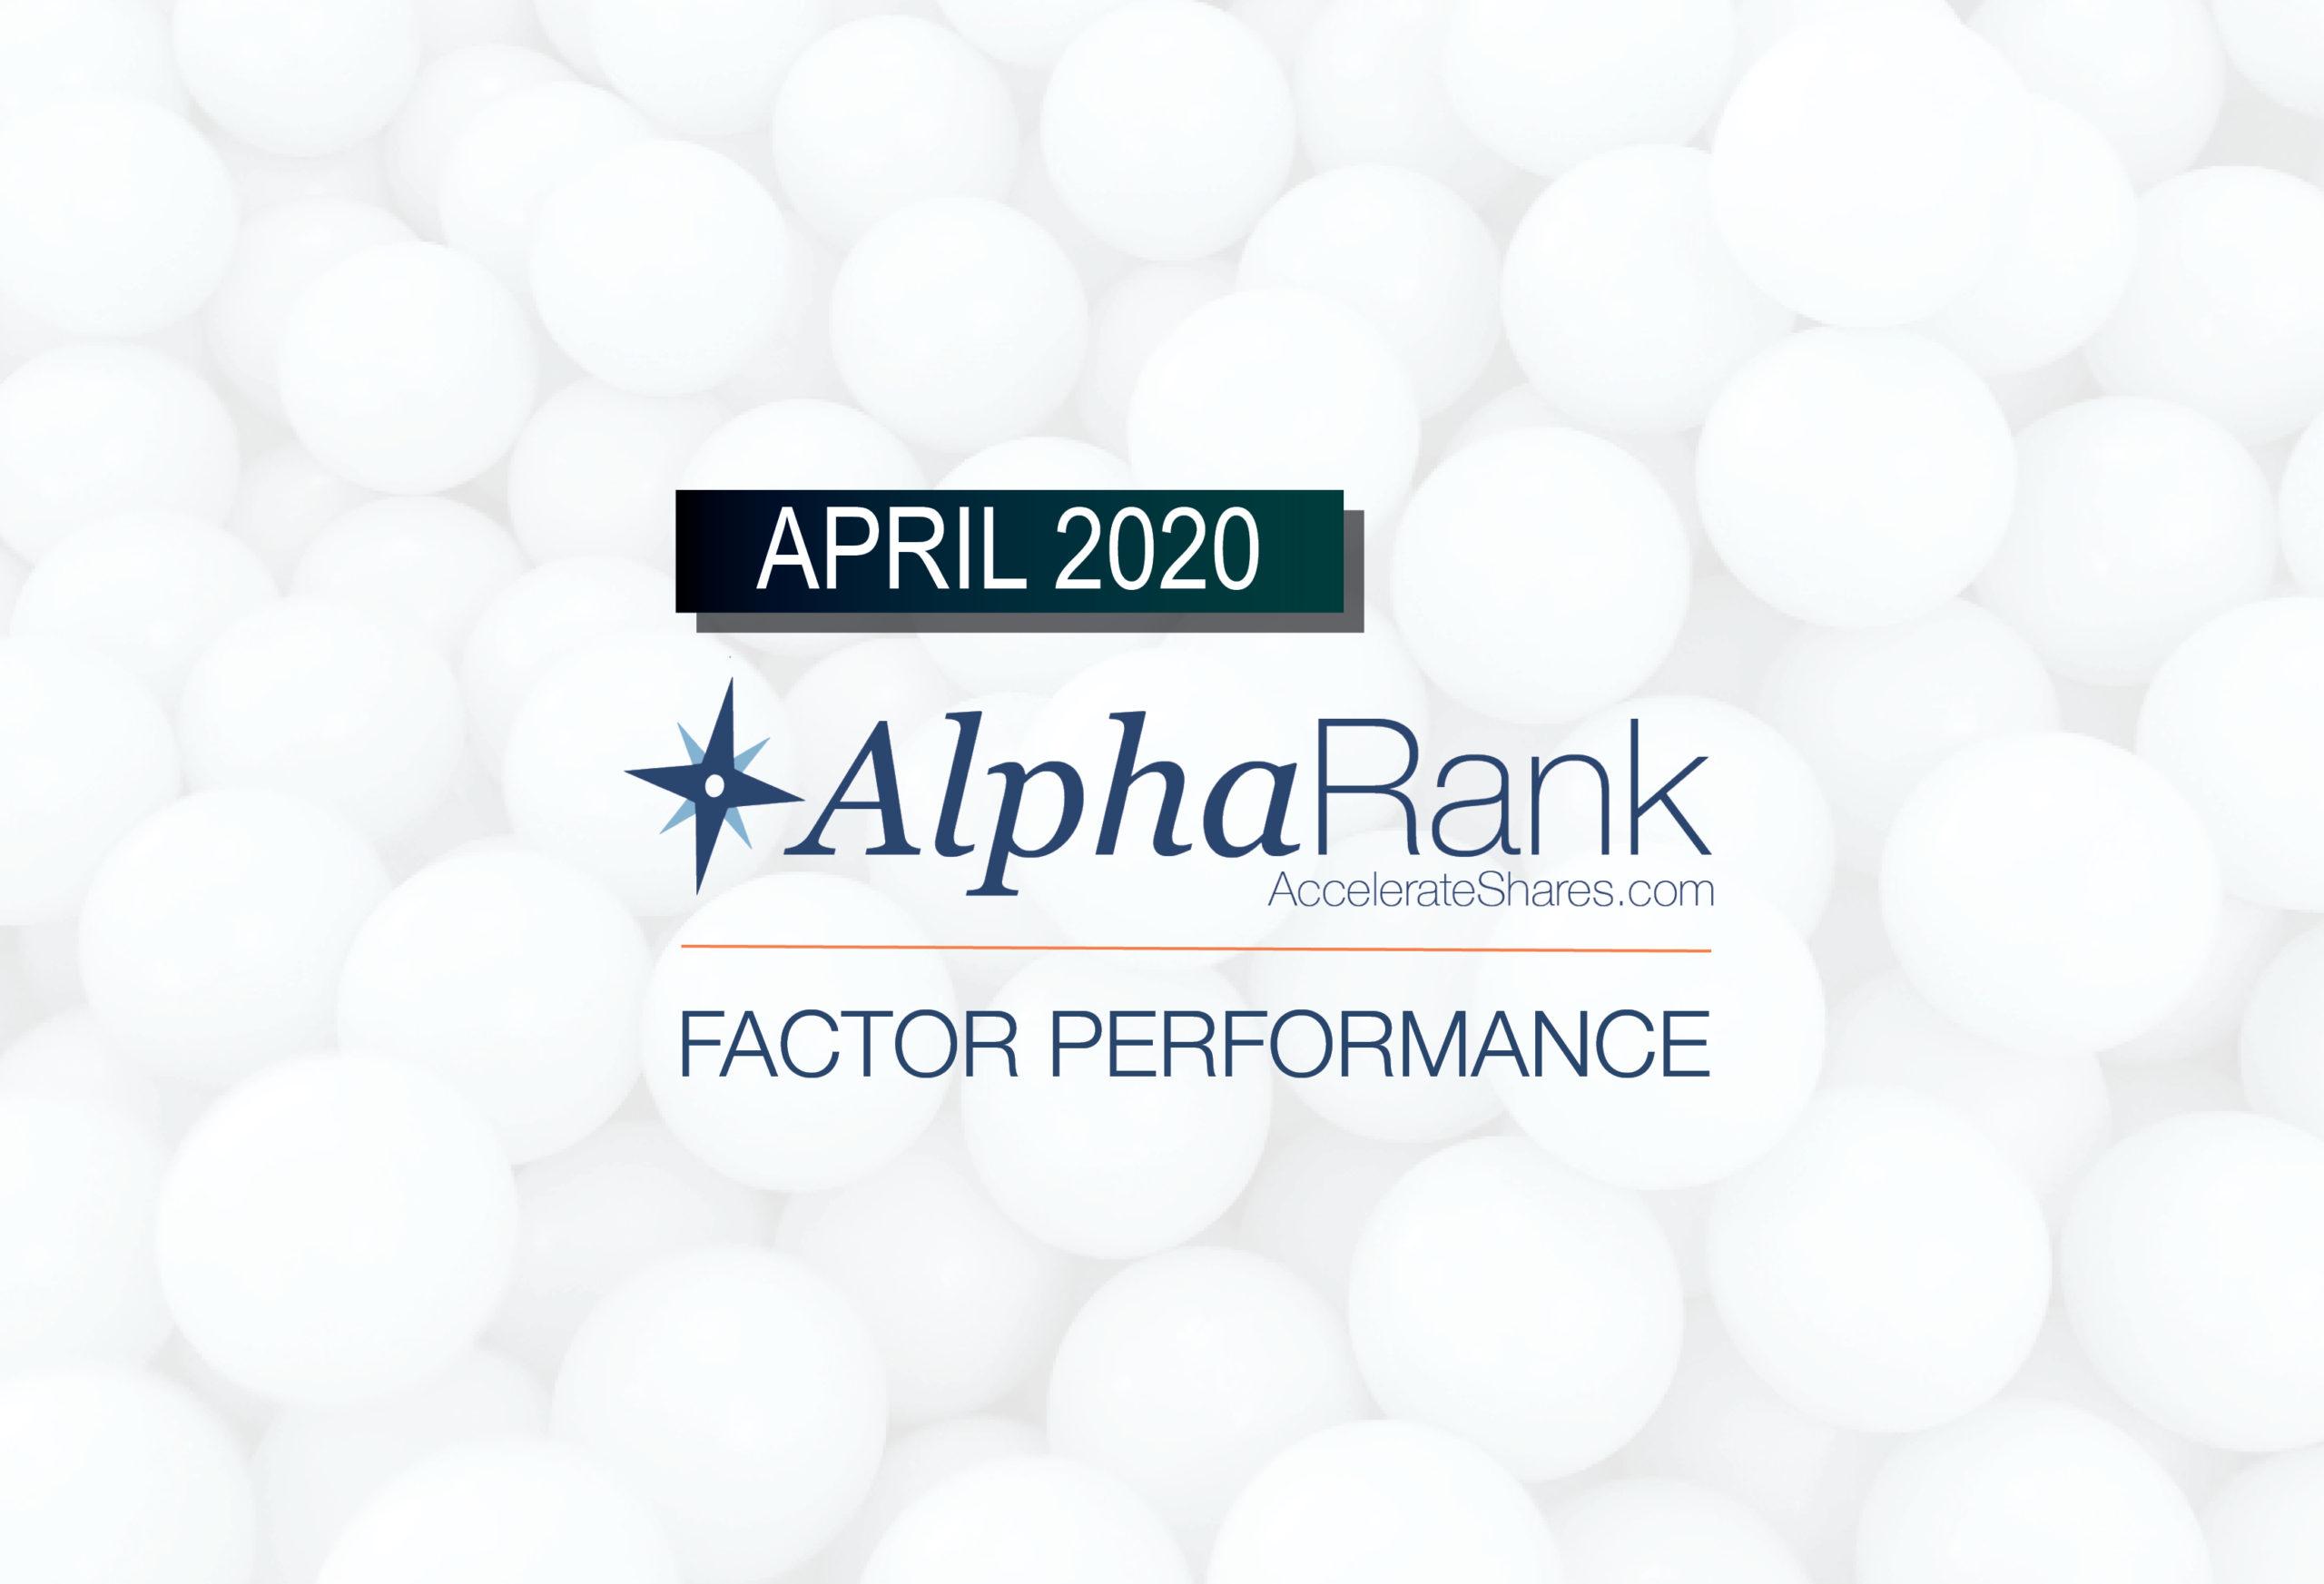 AlphaRank Factor Performance – April 2020